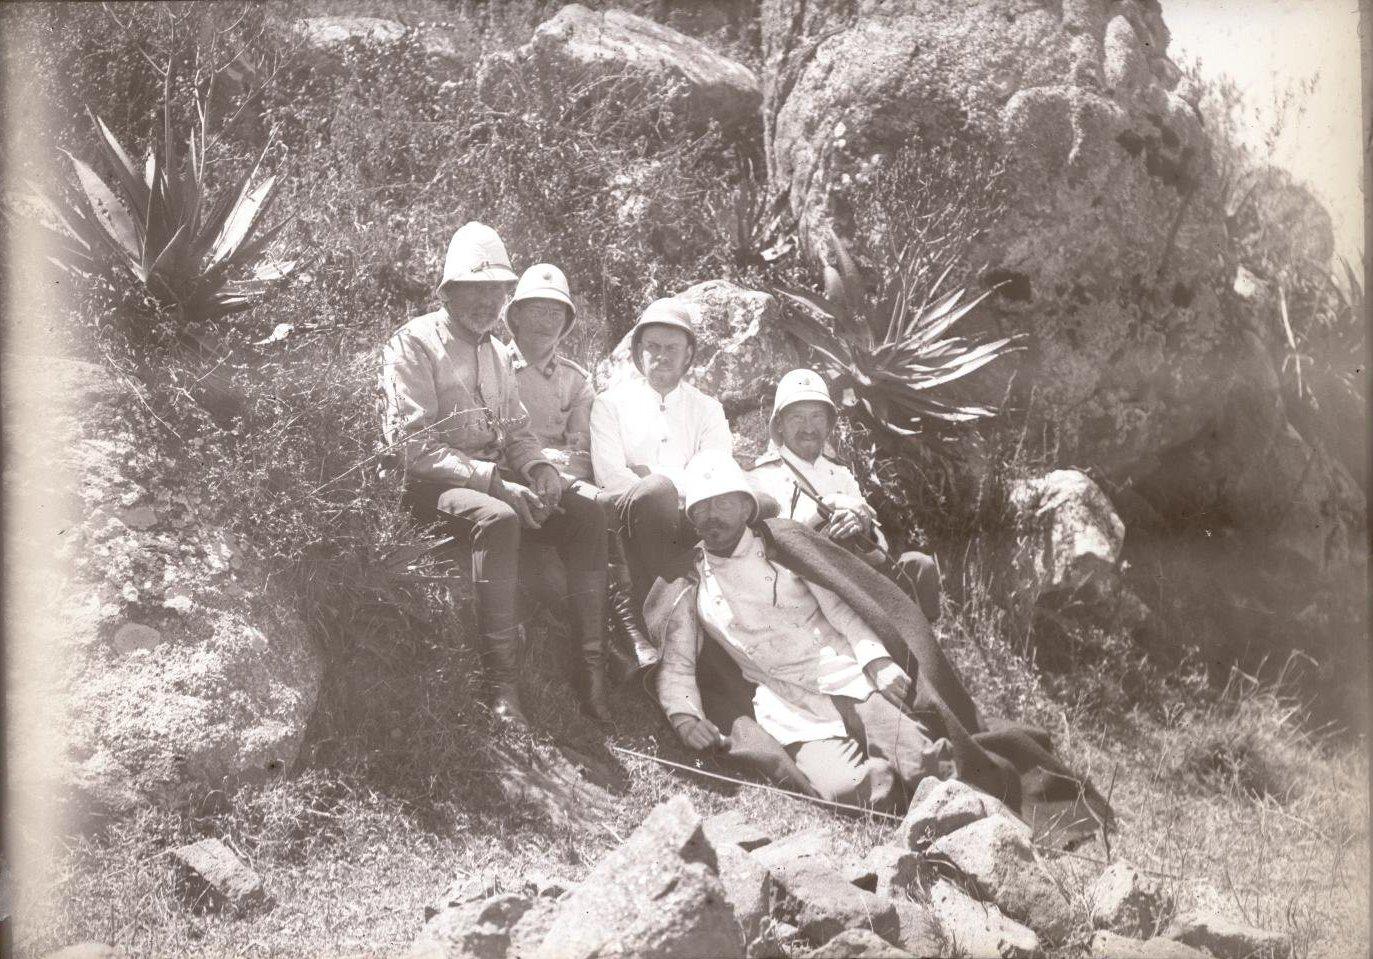 330. 1899. Абиссиния. г. Аддис-Абеба. Группа русских врачей